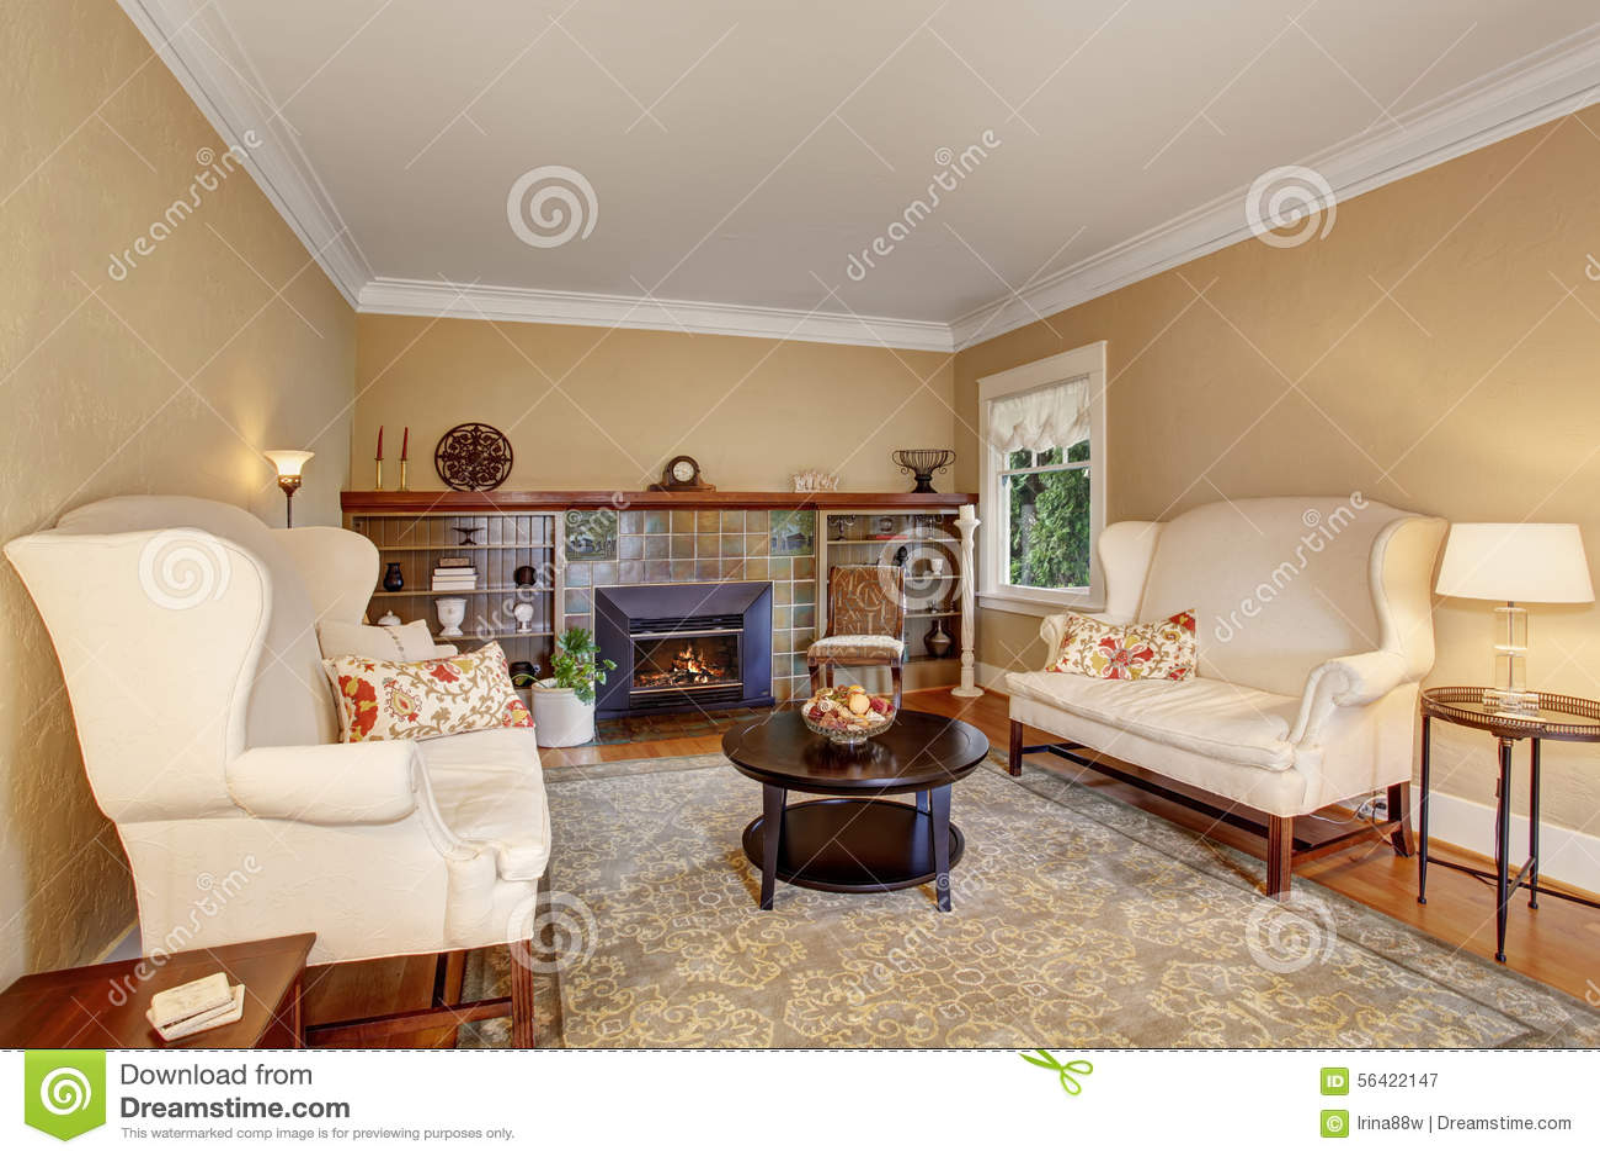 Koraalkleur De Woonkamer : Klassieke woonkamer met brandplaats en aardige deken stock